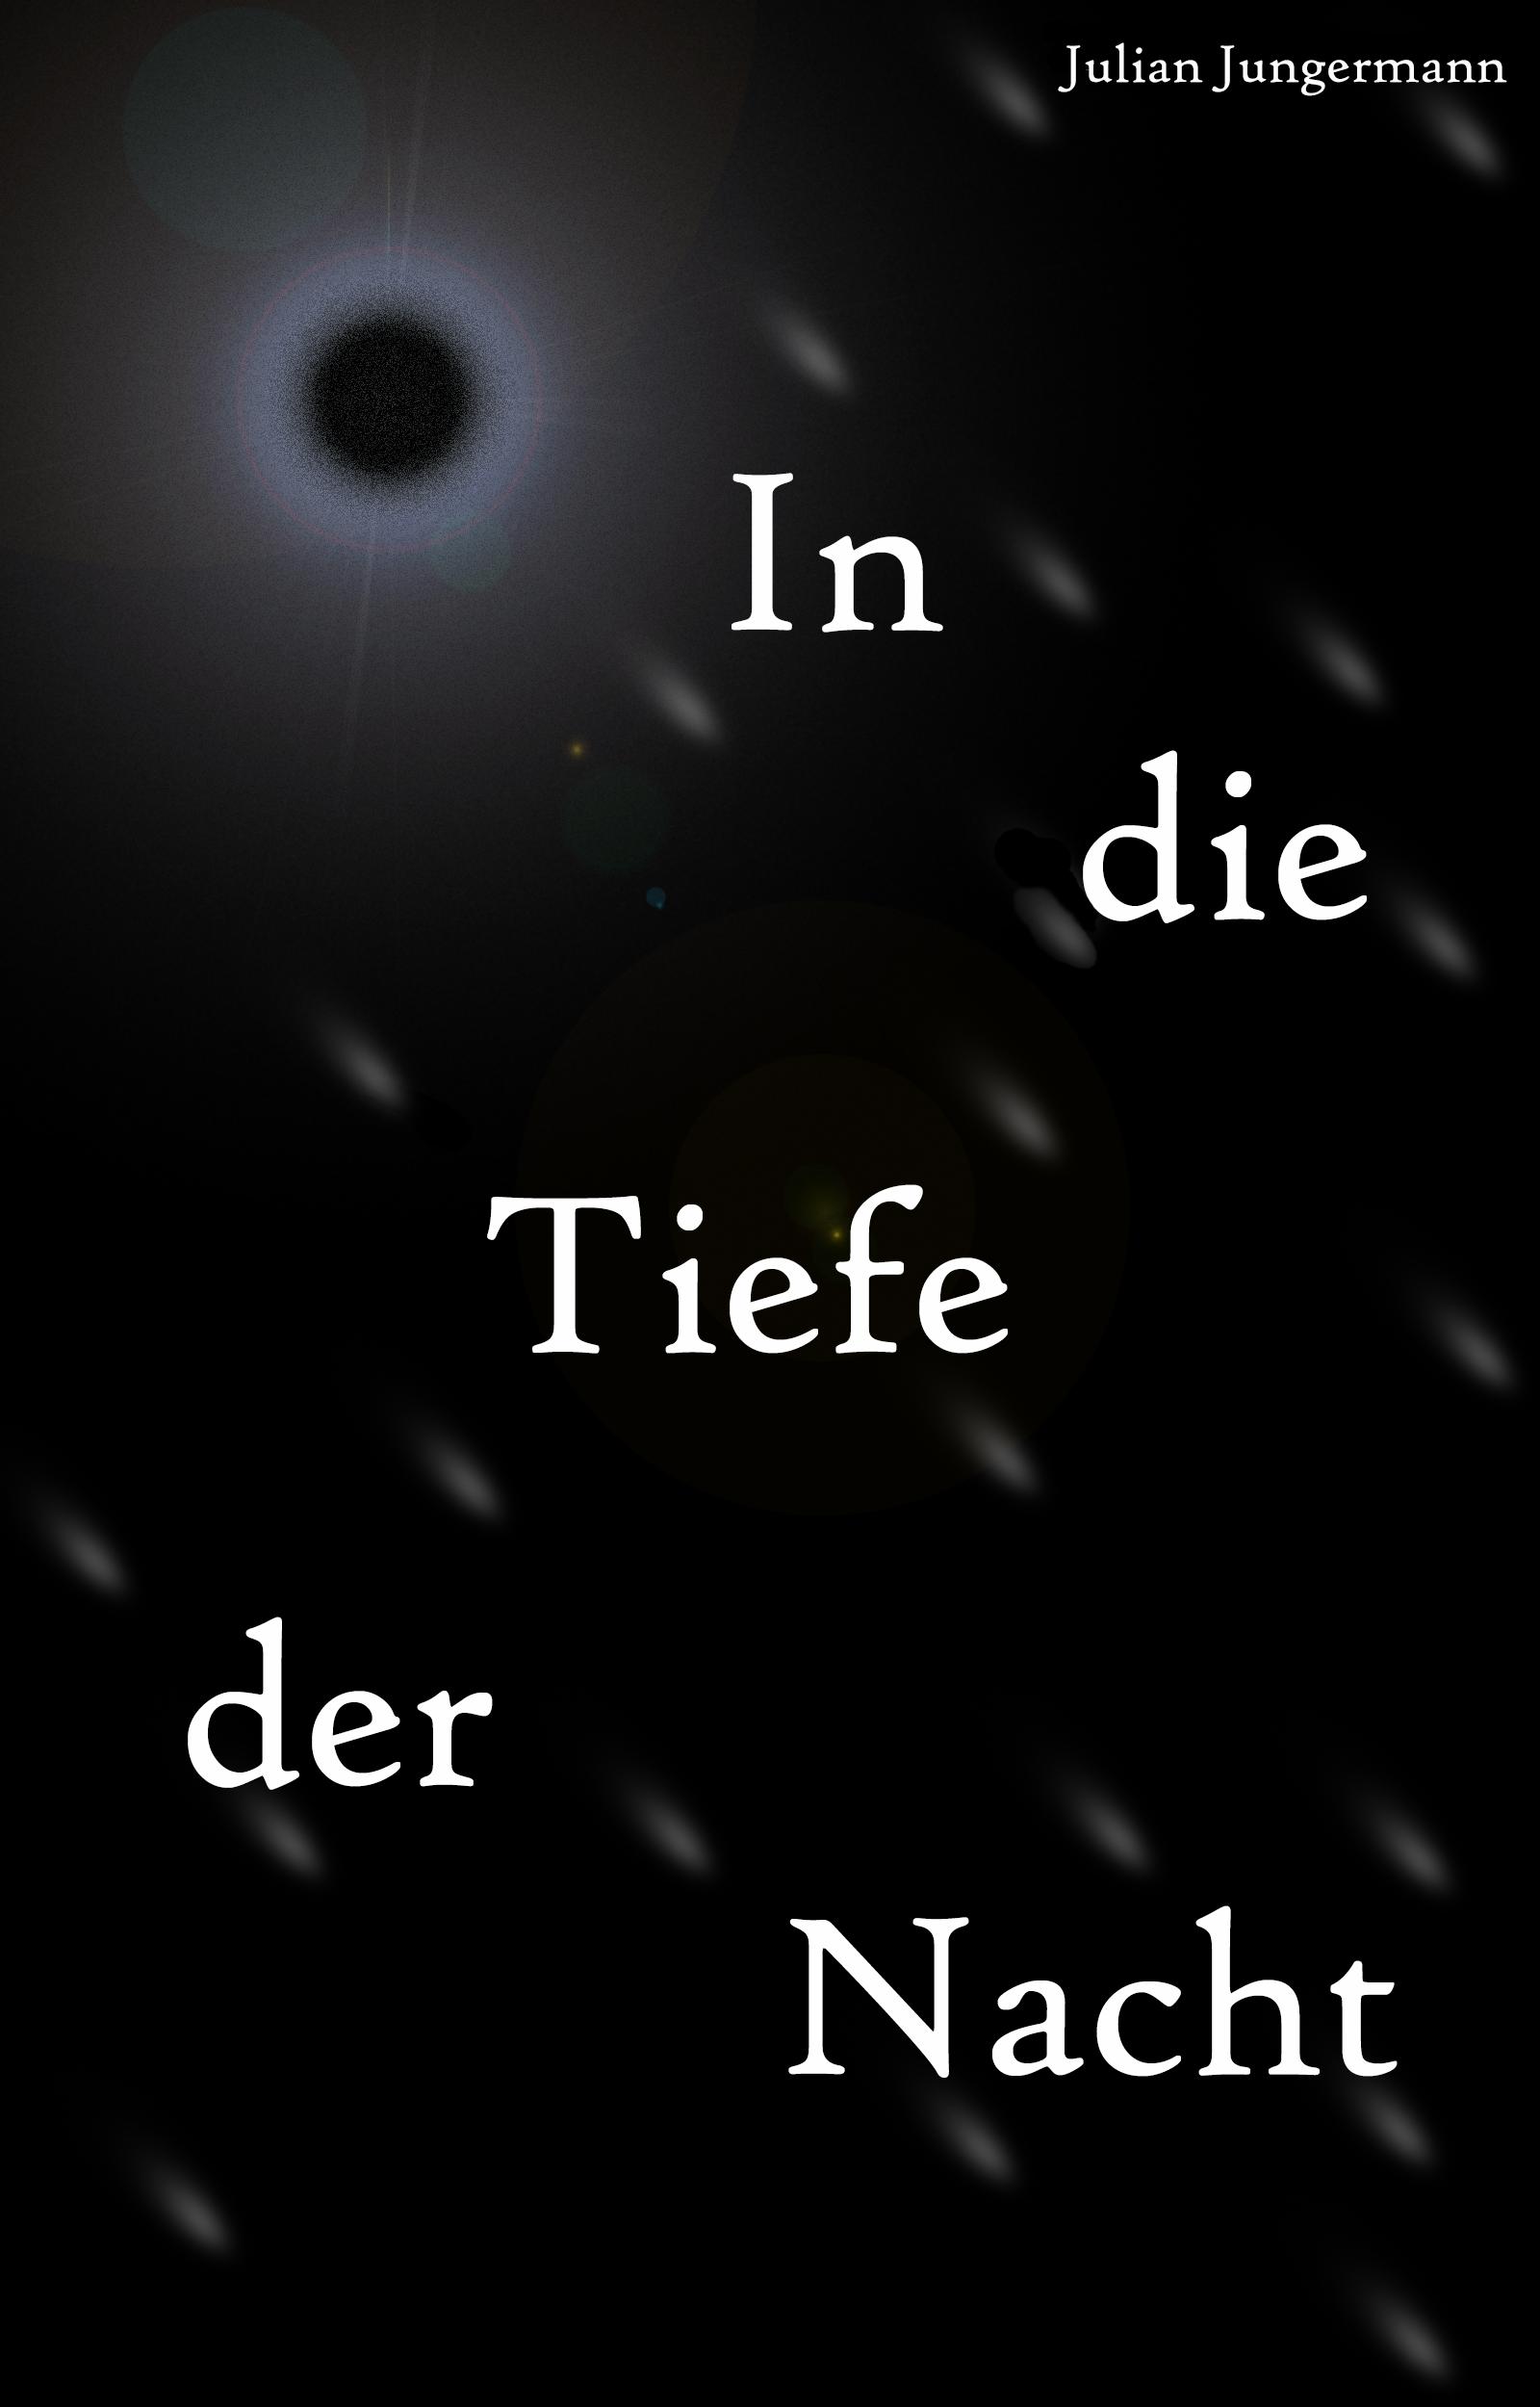 In die Tiefe der Nacht. Offizielles Cover von Julian Jungermann